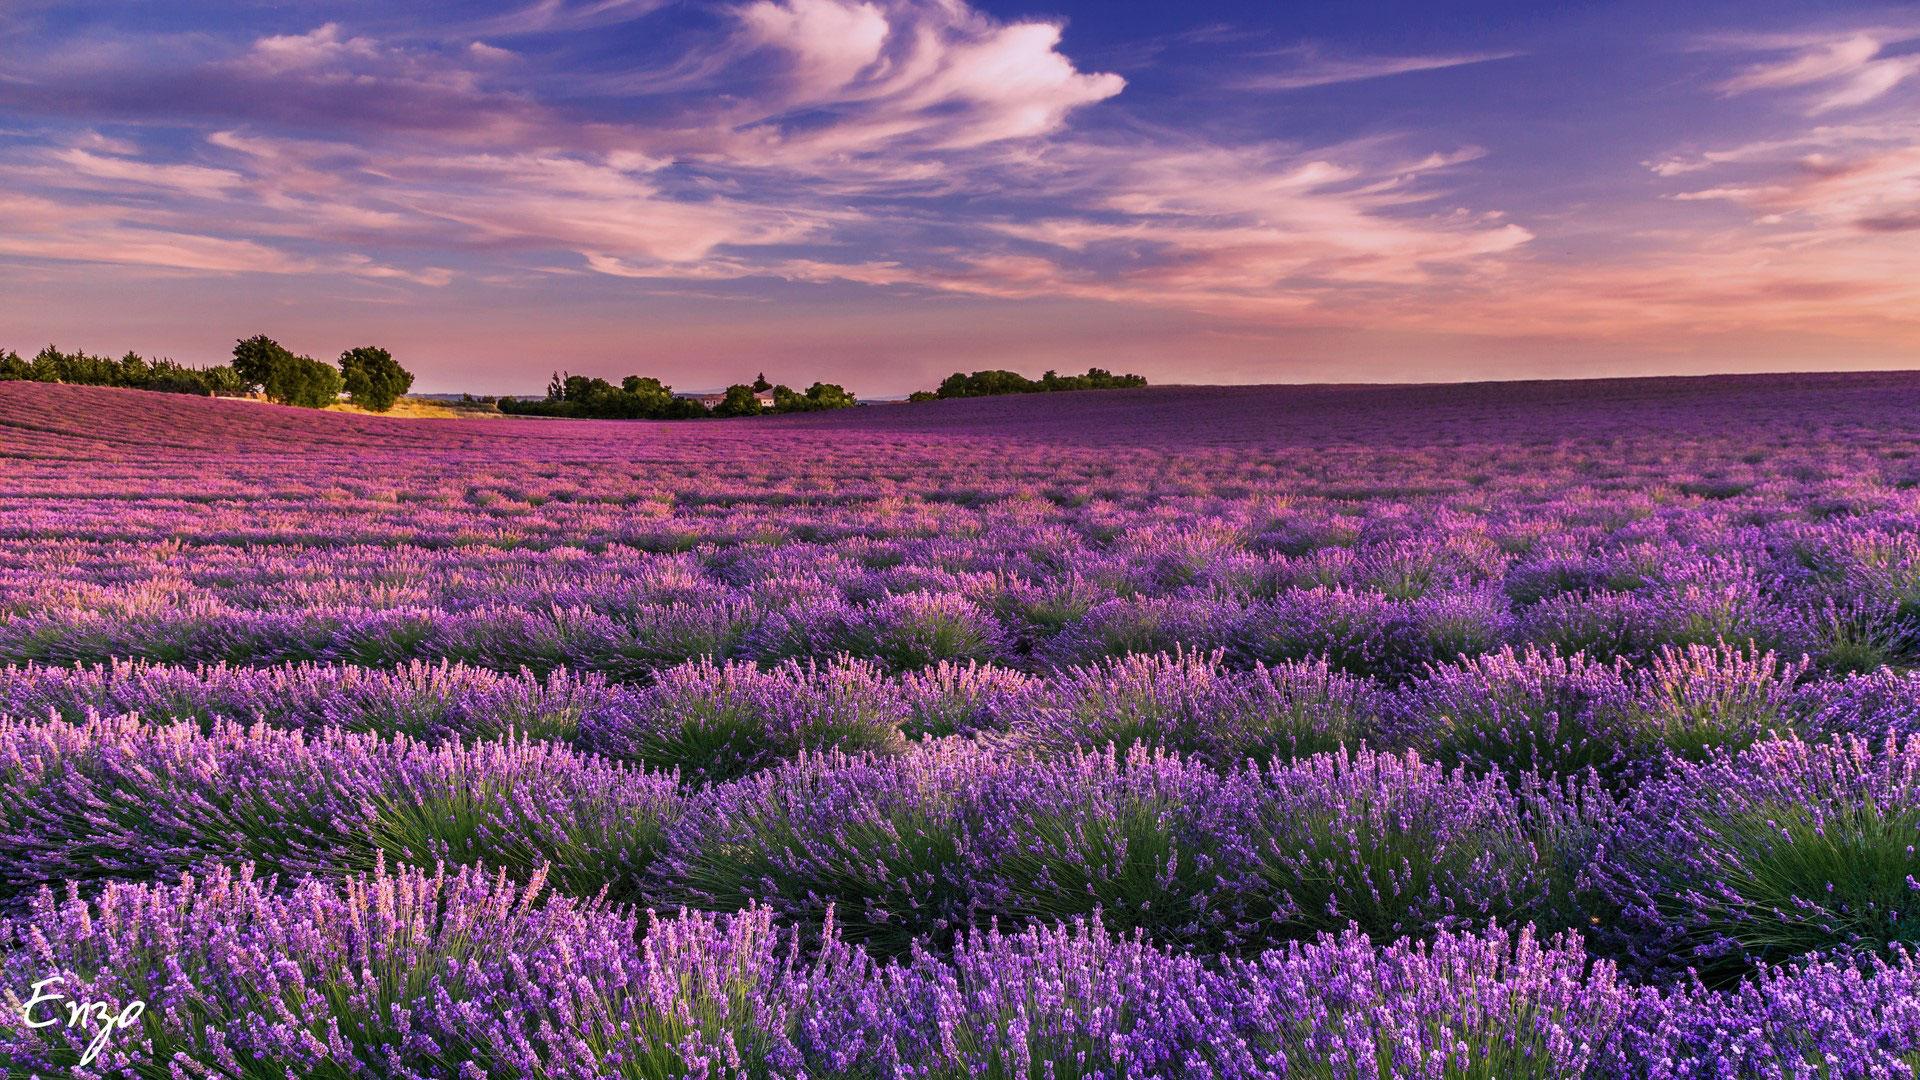 Vertu De La Lavande lavender fields in provence - france - photographe mariage